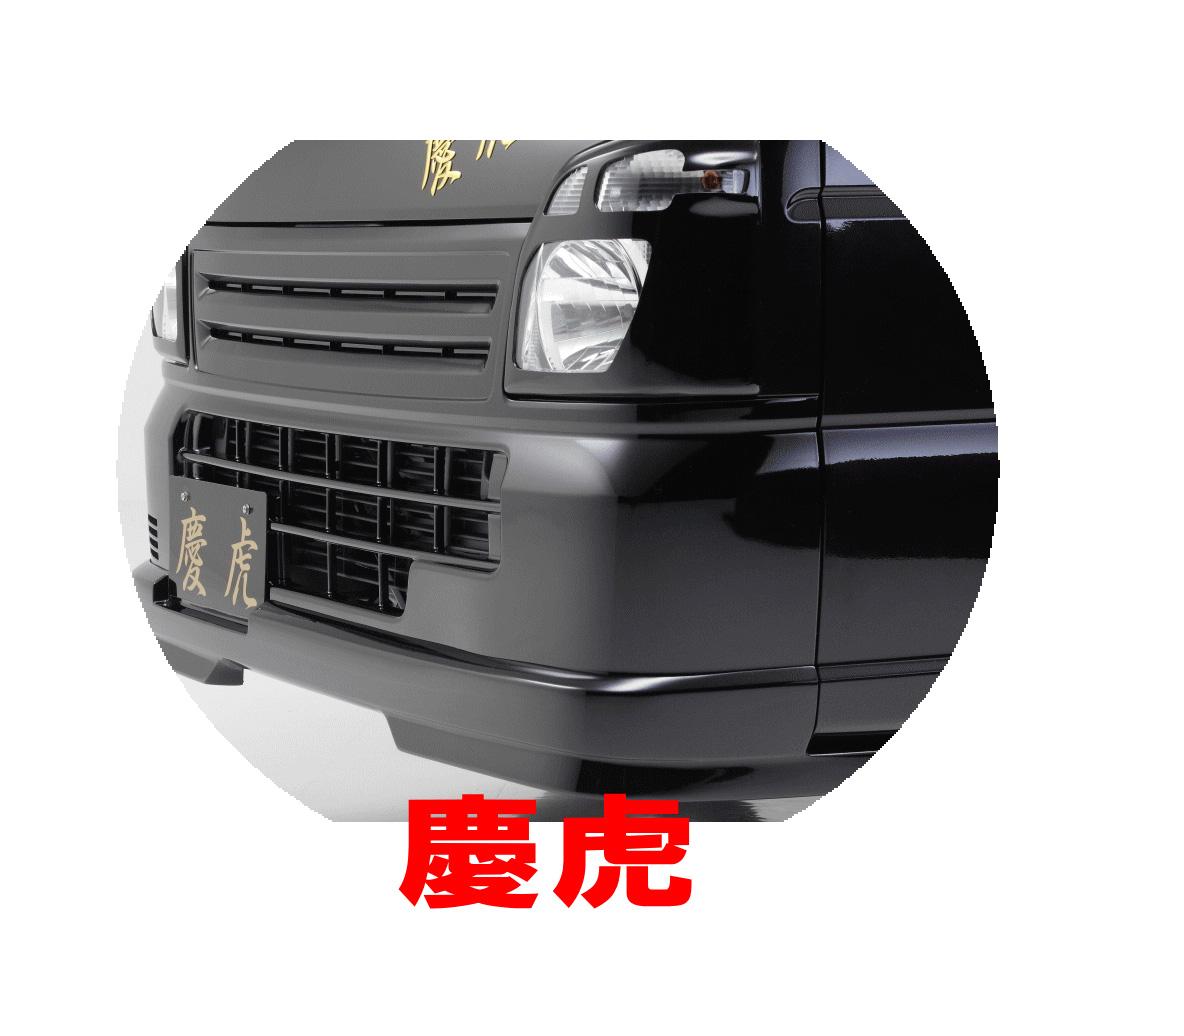 【ケイゾーン/keiZone】NT100クリッパー 等にお勧め フロントリップスポイラーVer.I 慶虎シリーズ エアロパーツ 型式等:DR16T